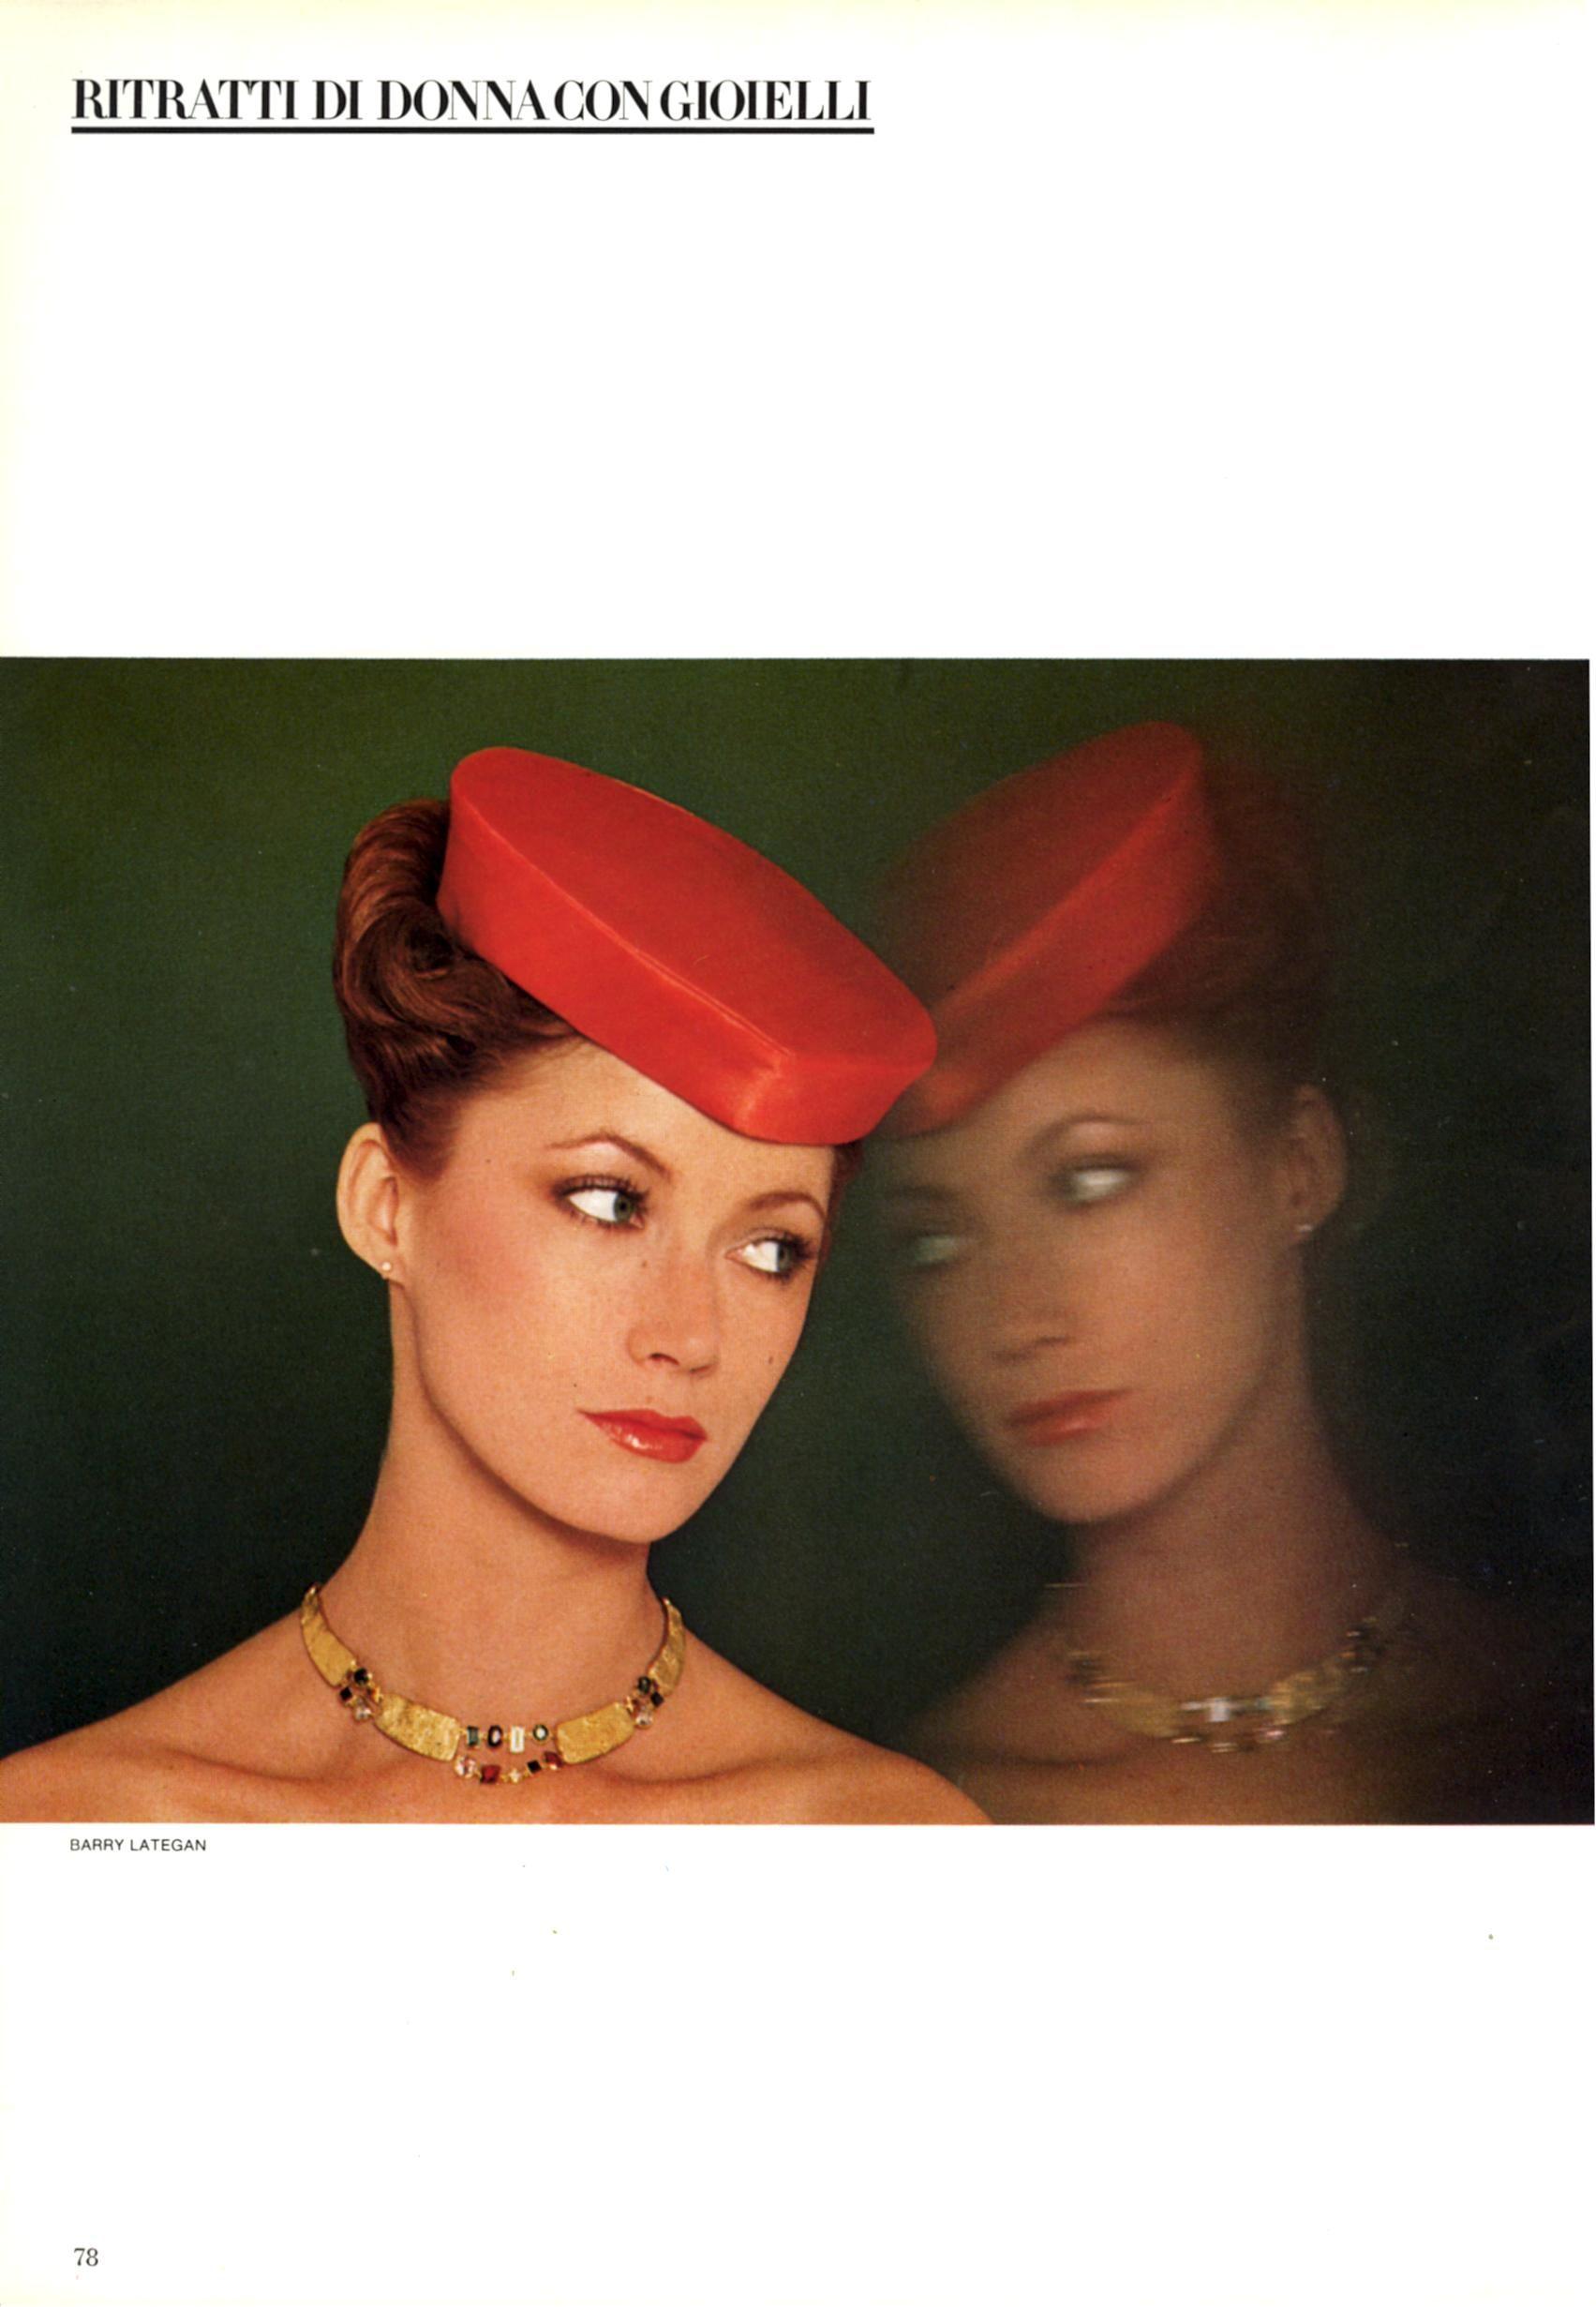 Vogue Italia Gioiello November 1978 Gioiello Ritratti Di Donna Con Gioielli Photo Barry Lategan Models Tara Shannon & Unknown